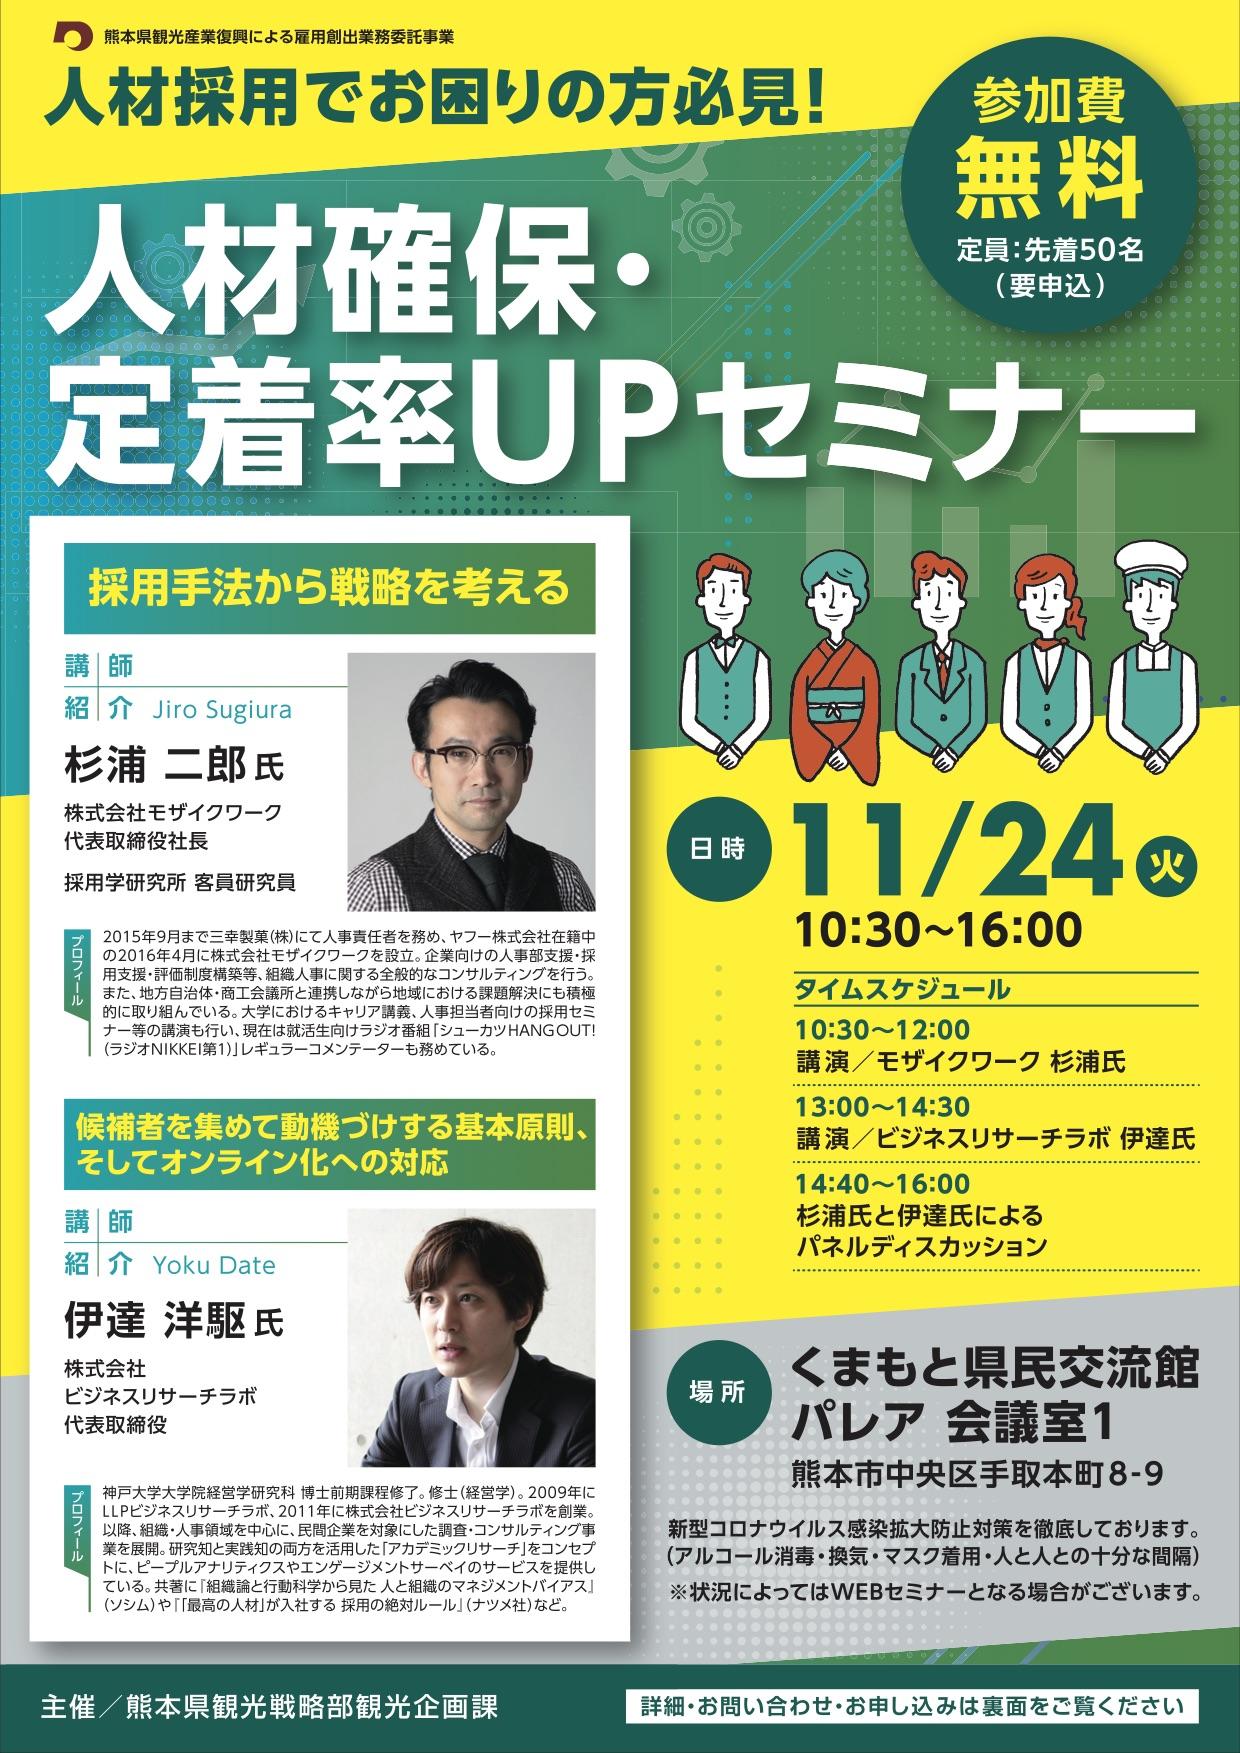 代表取締役の伊達洋駆が「人材確保・定着率UPセミナー」(熊本県)に登壇します